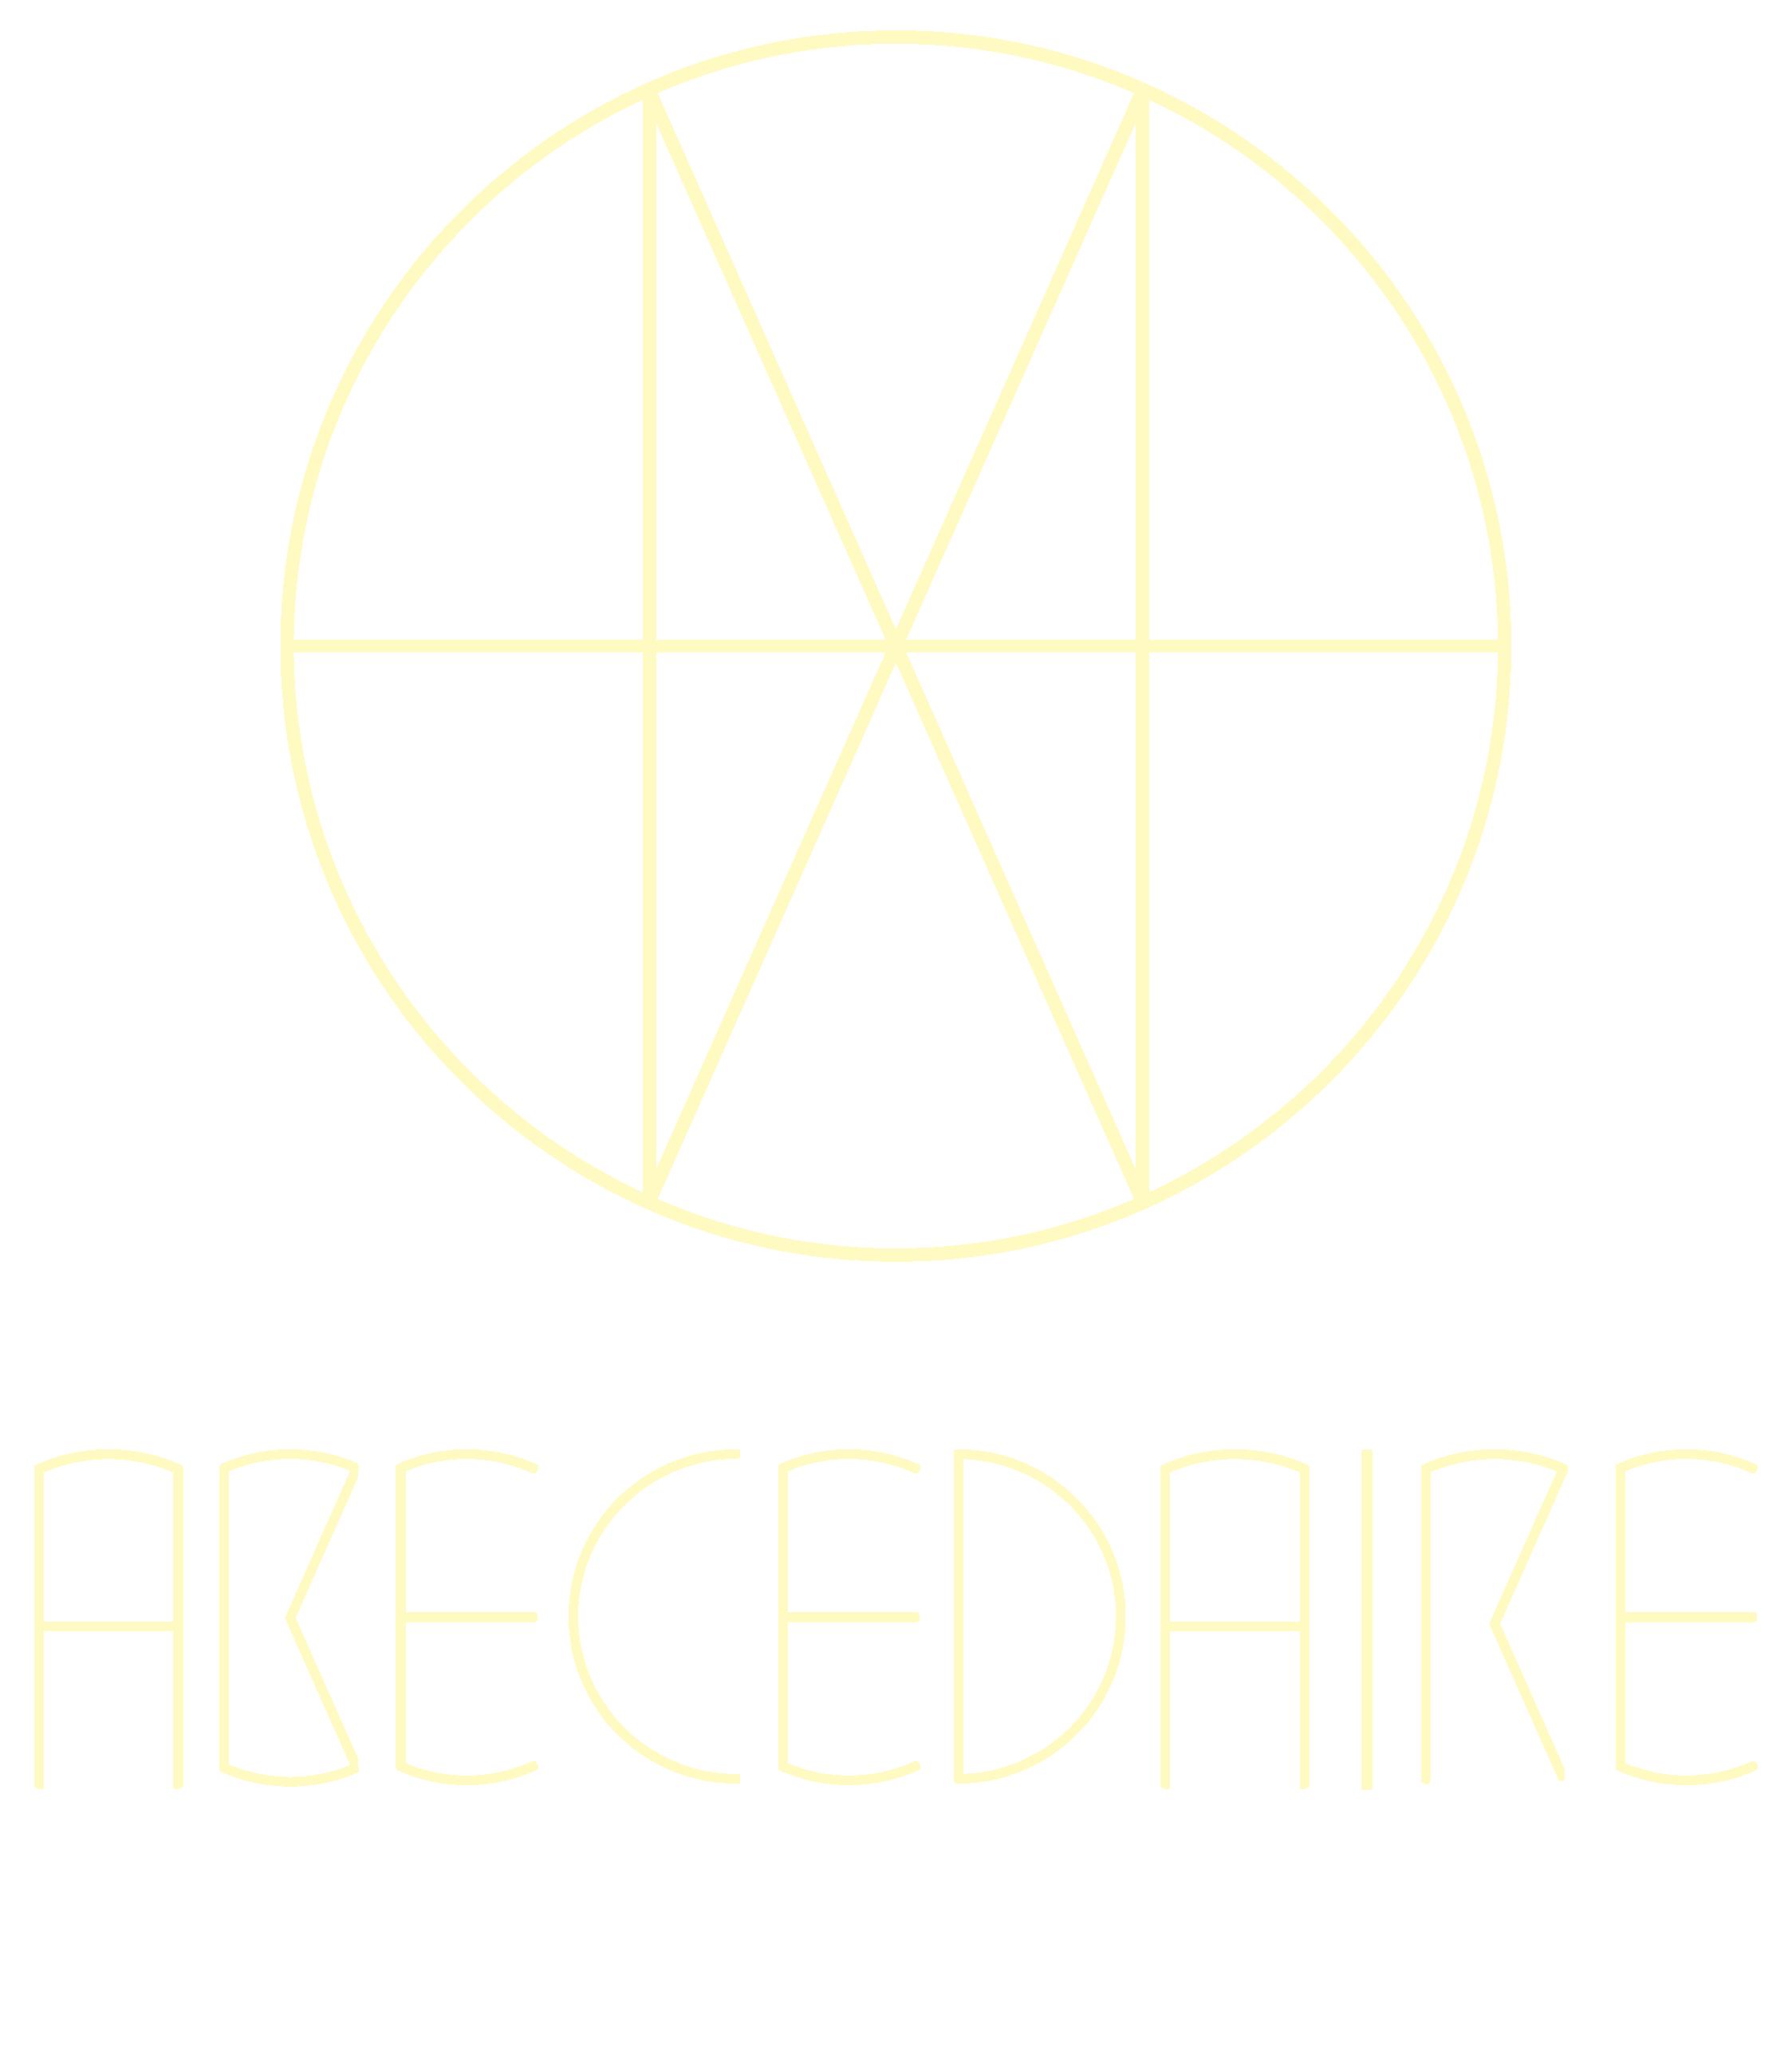 logo abecedaire